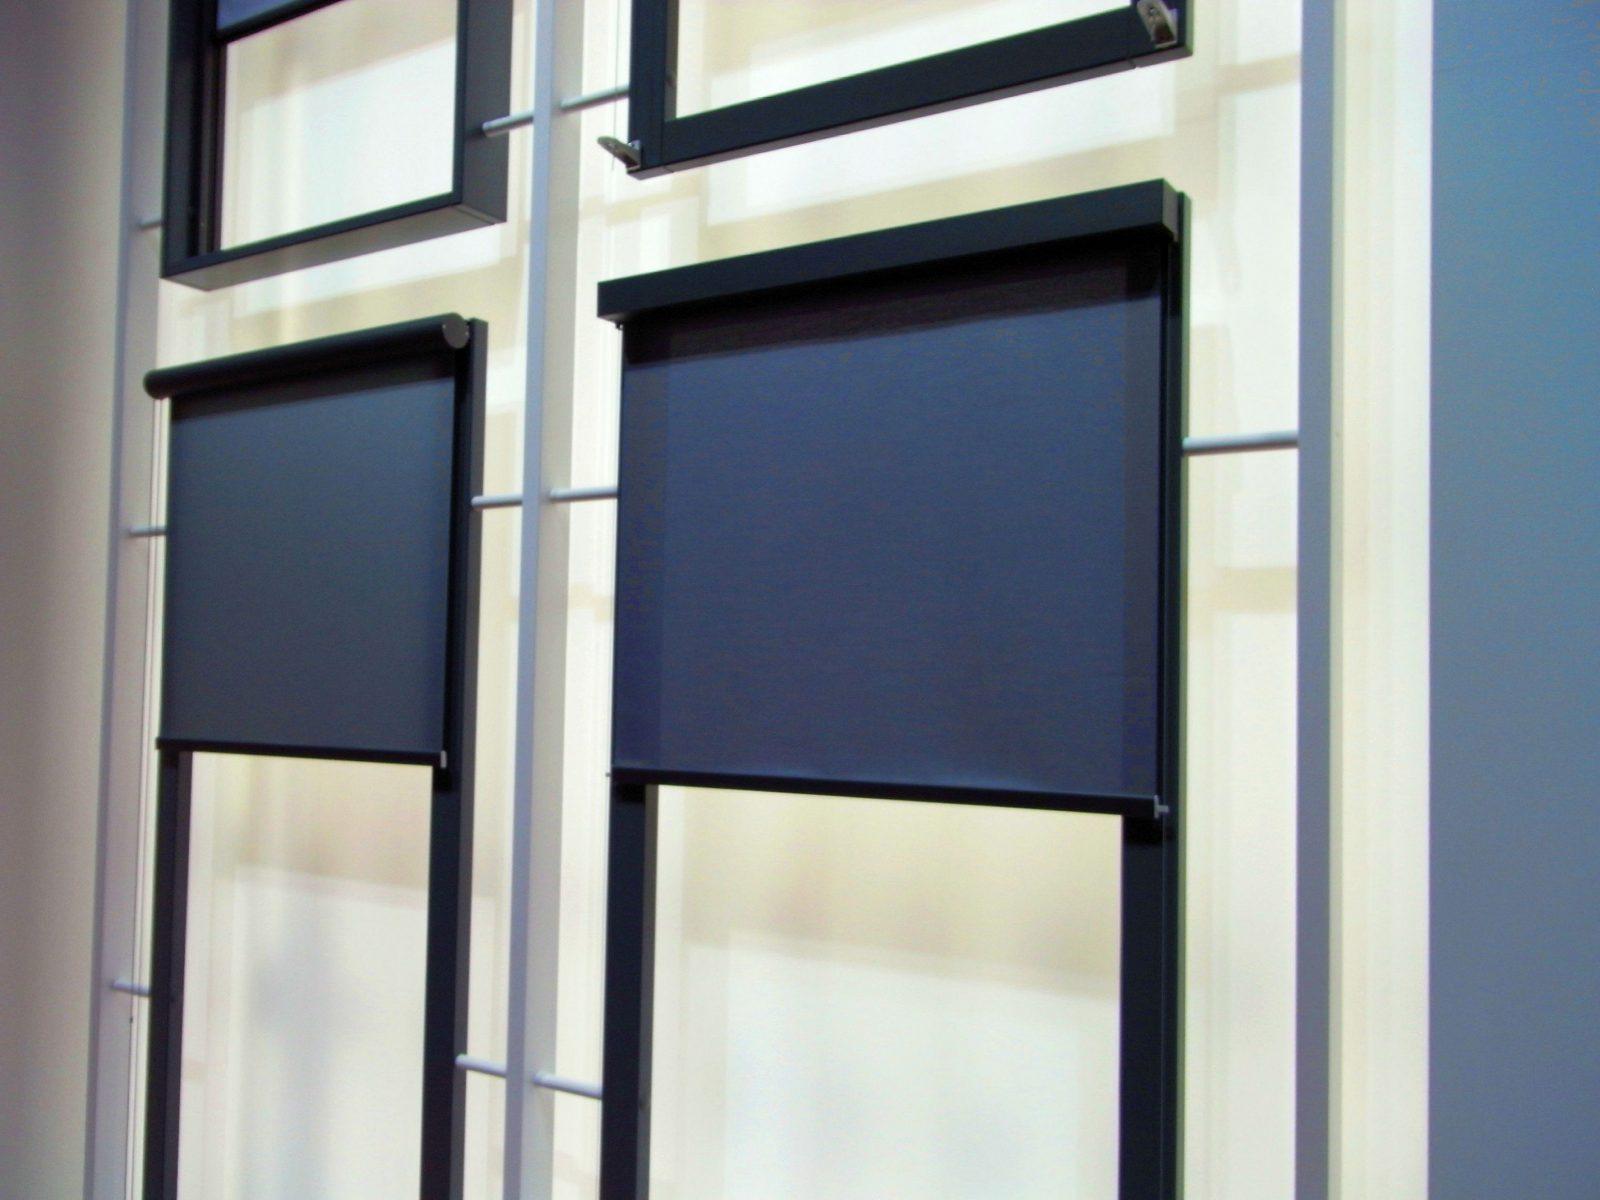 Rollo Für Dachfenster Innen Yi51 – Hitoiro von Sonnenschutz Fenster Innen Ohne Bohren Bild